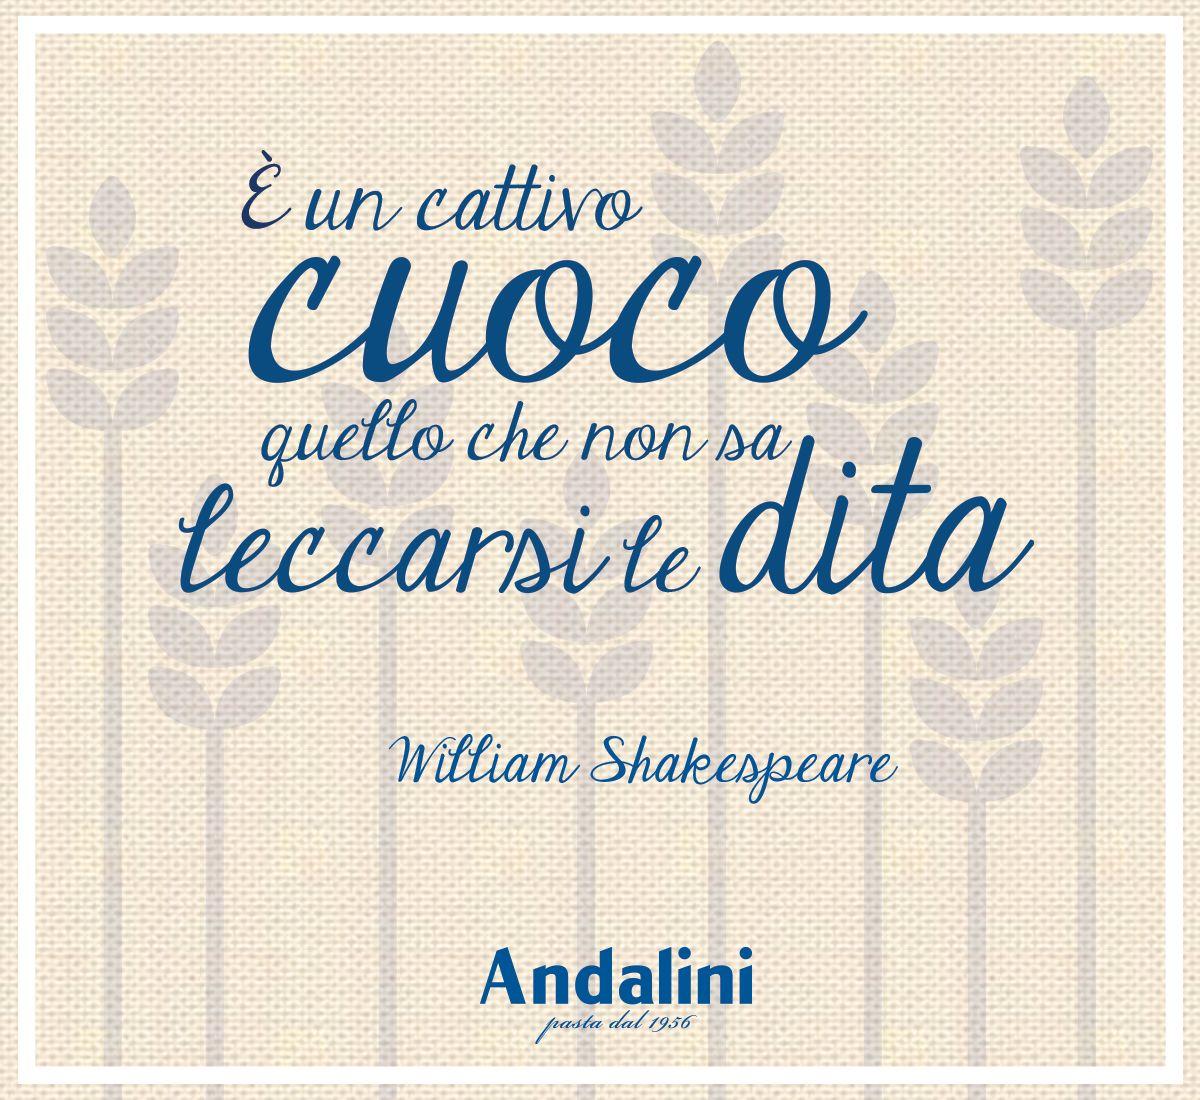 Buona domenica a tutti da Pastificio #Andalini! :-)  Voi cosa dite? Siete d'accordo con la nostra #citazione d'autore?  www.andalini.it